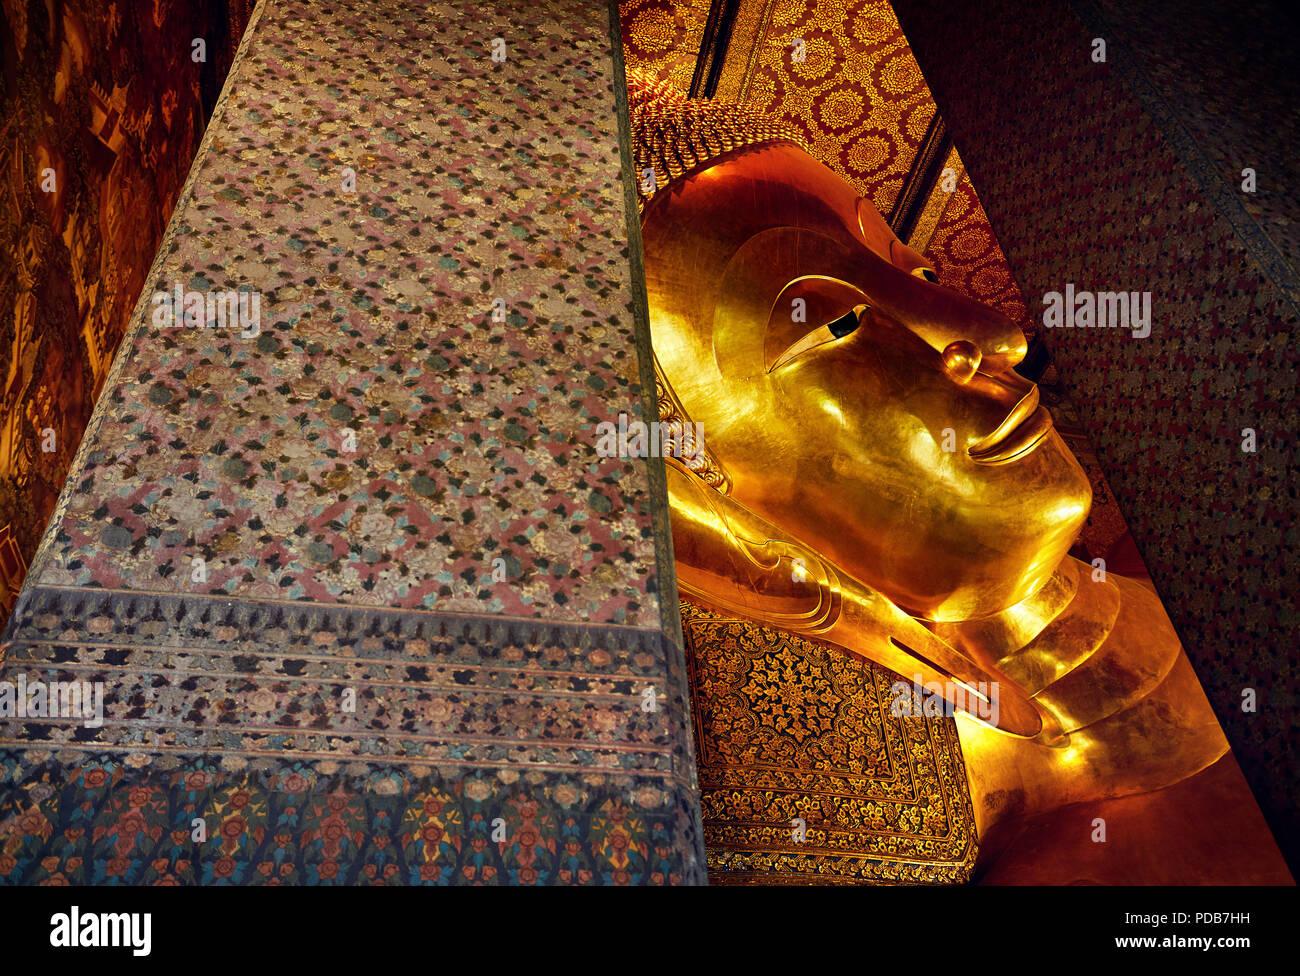 Berühmte Statue des Großen Goldenen Buddha im Wat Pho Tempel in Bangkok, Thailand. Symbol für die buddhistische Kultur. Stockbild